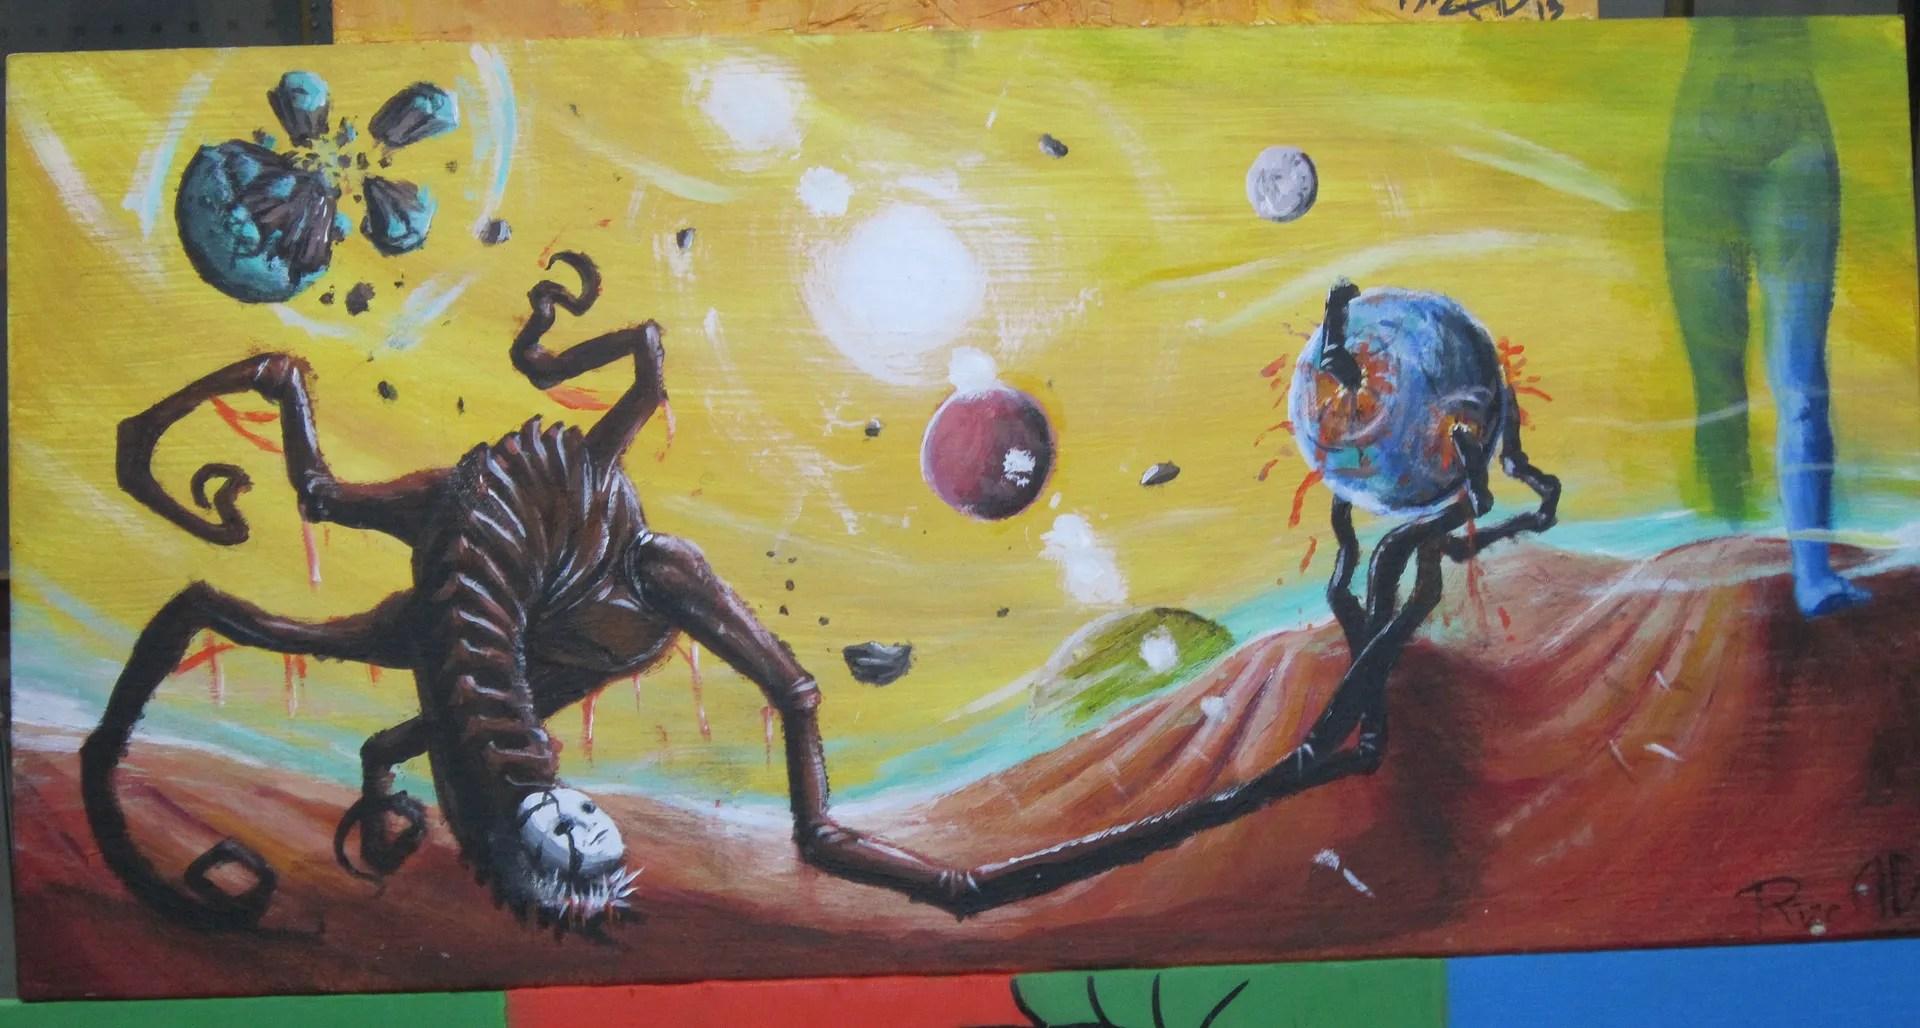 alien worlds, high school art class